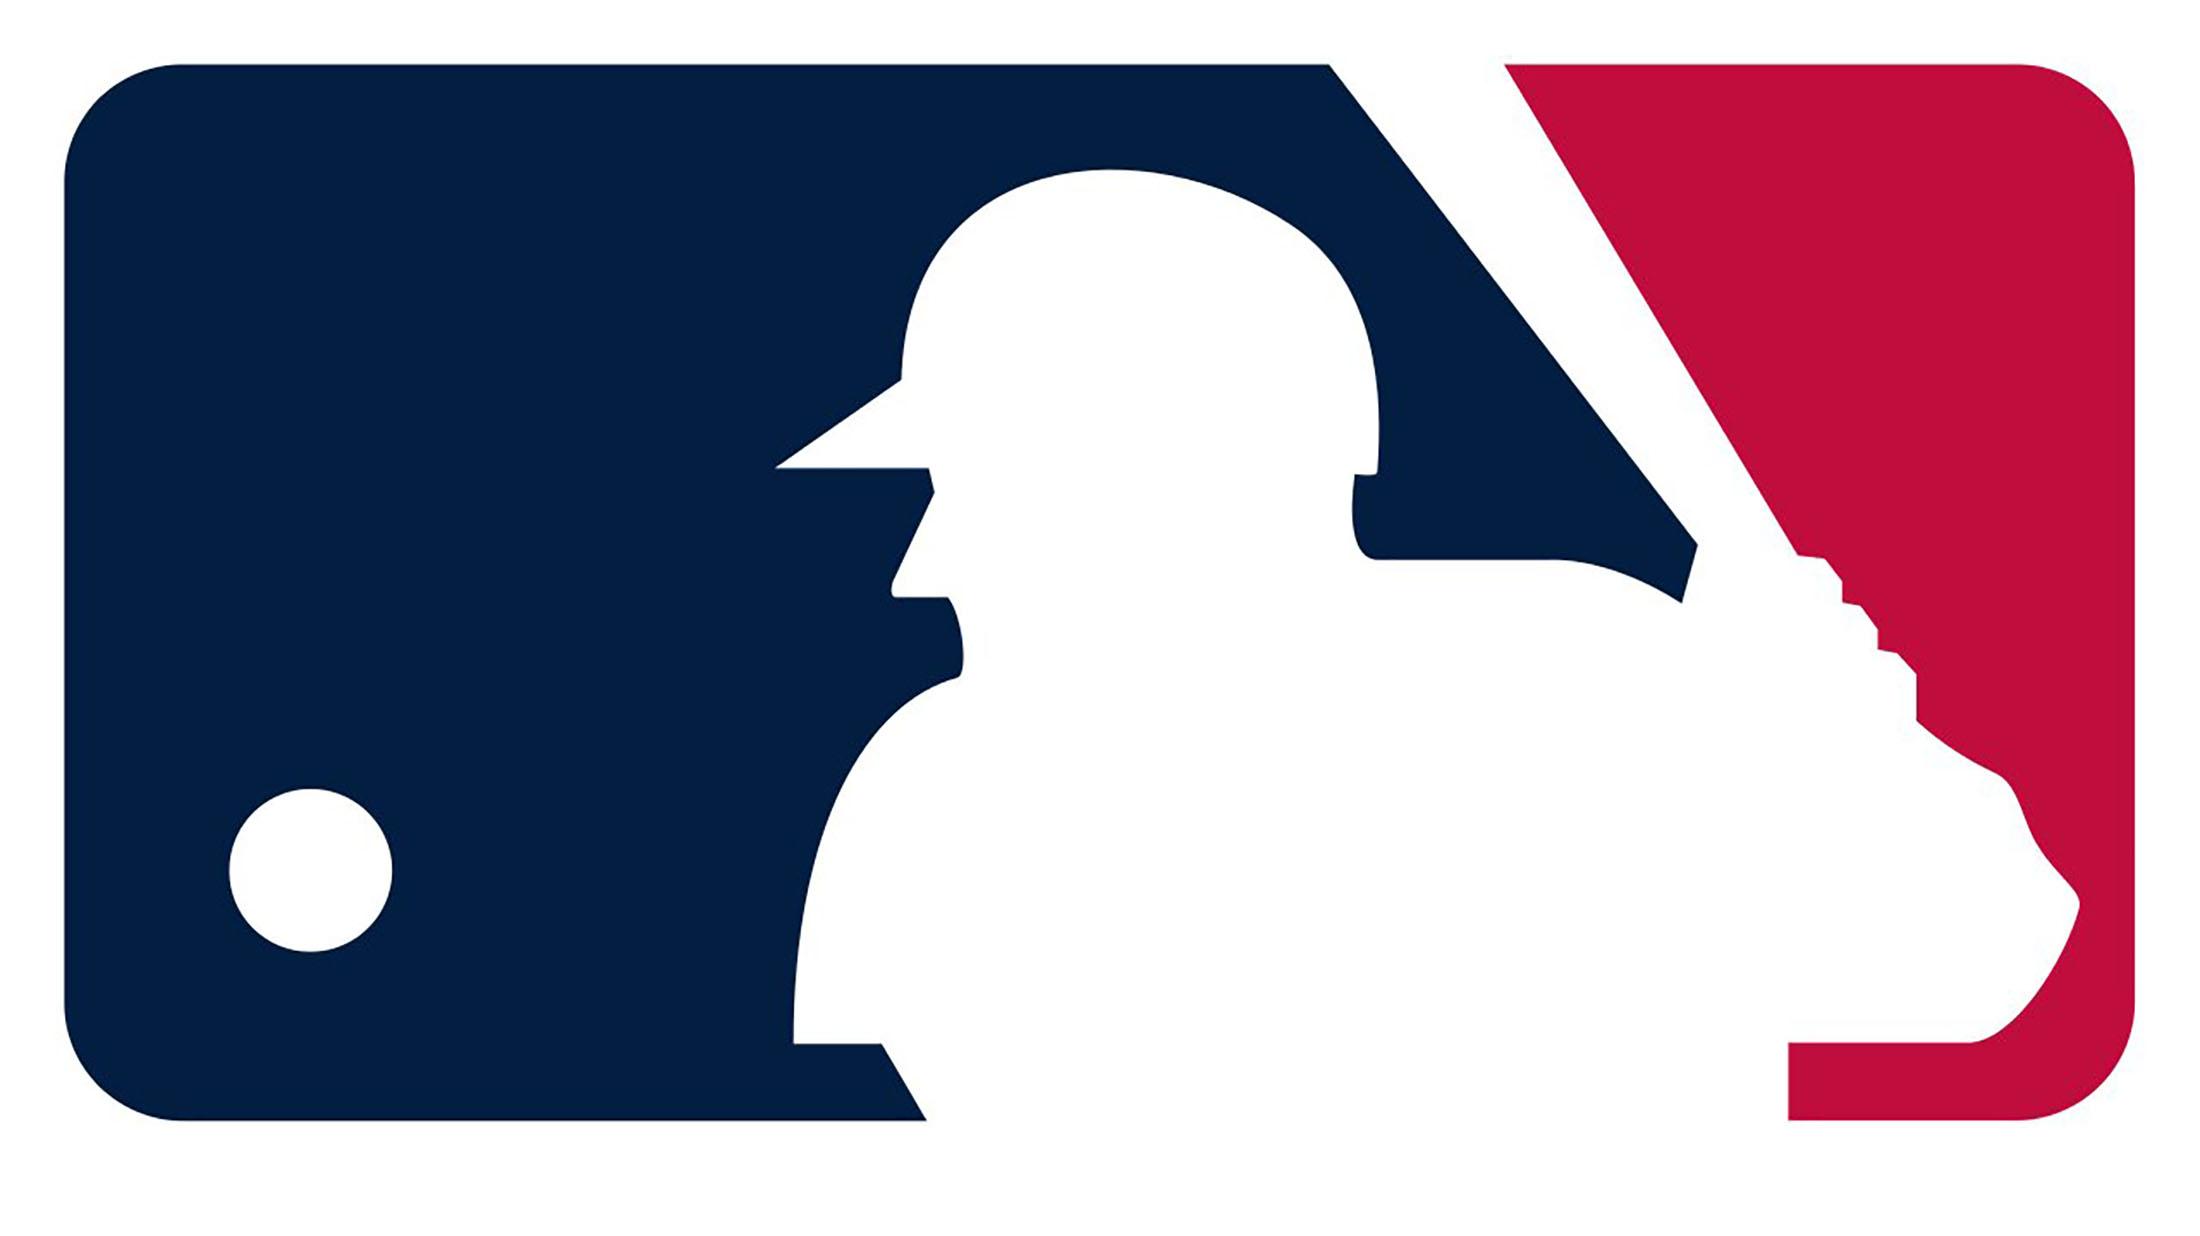 Official Logo of Major League Baseball (MLB)